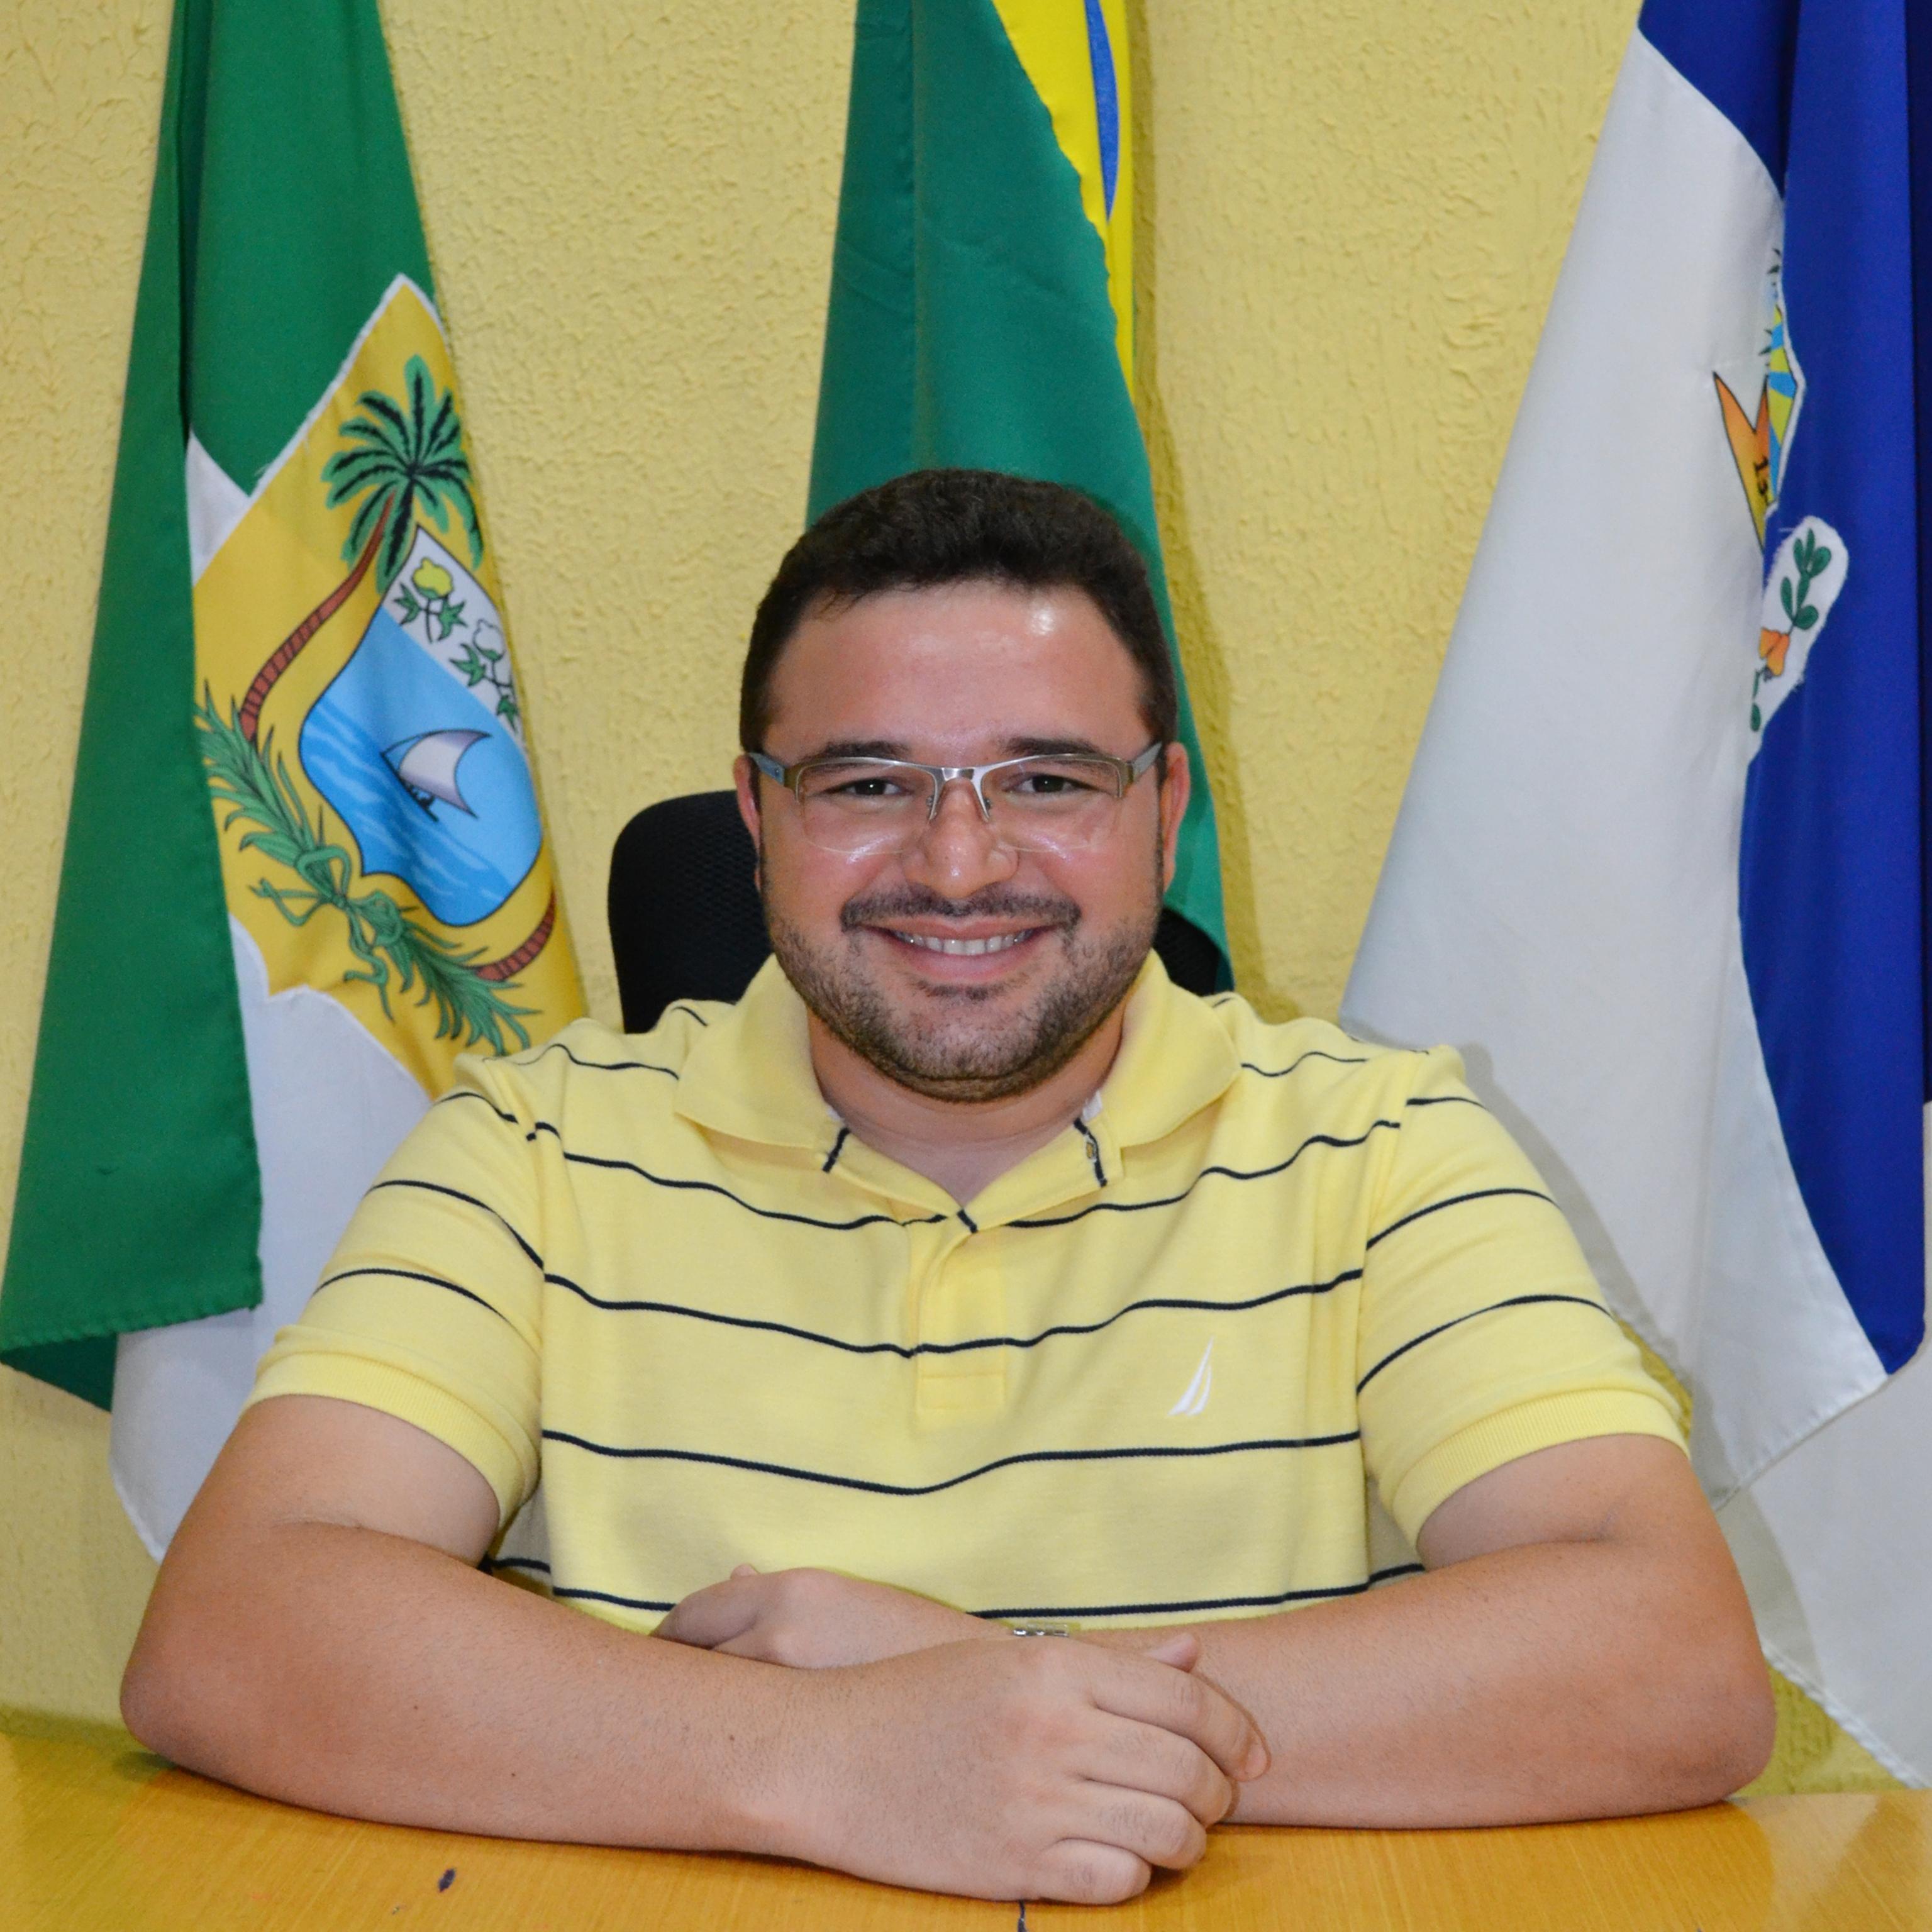 Marcio Zumba de Oliveira Azevedo